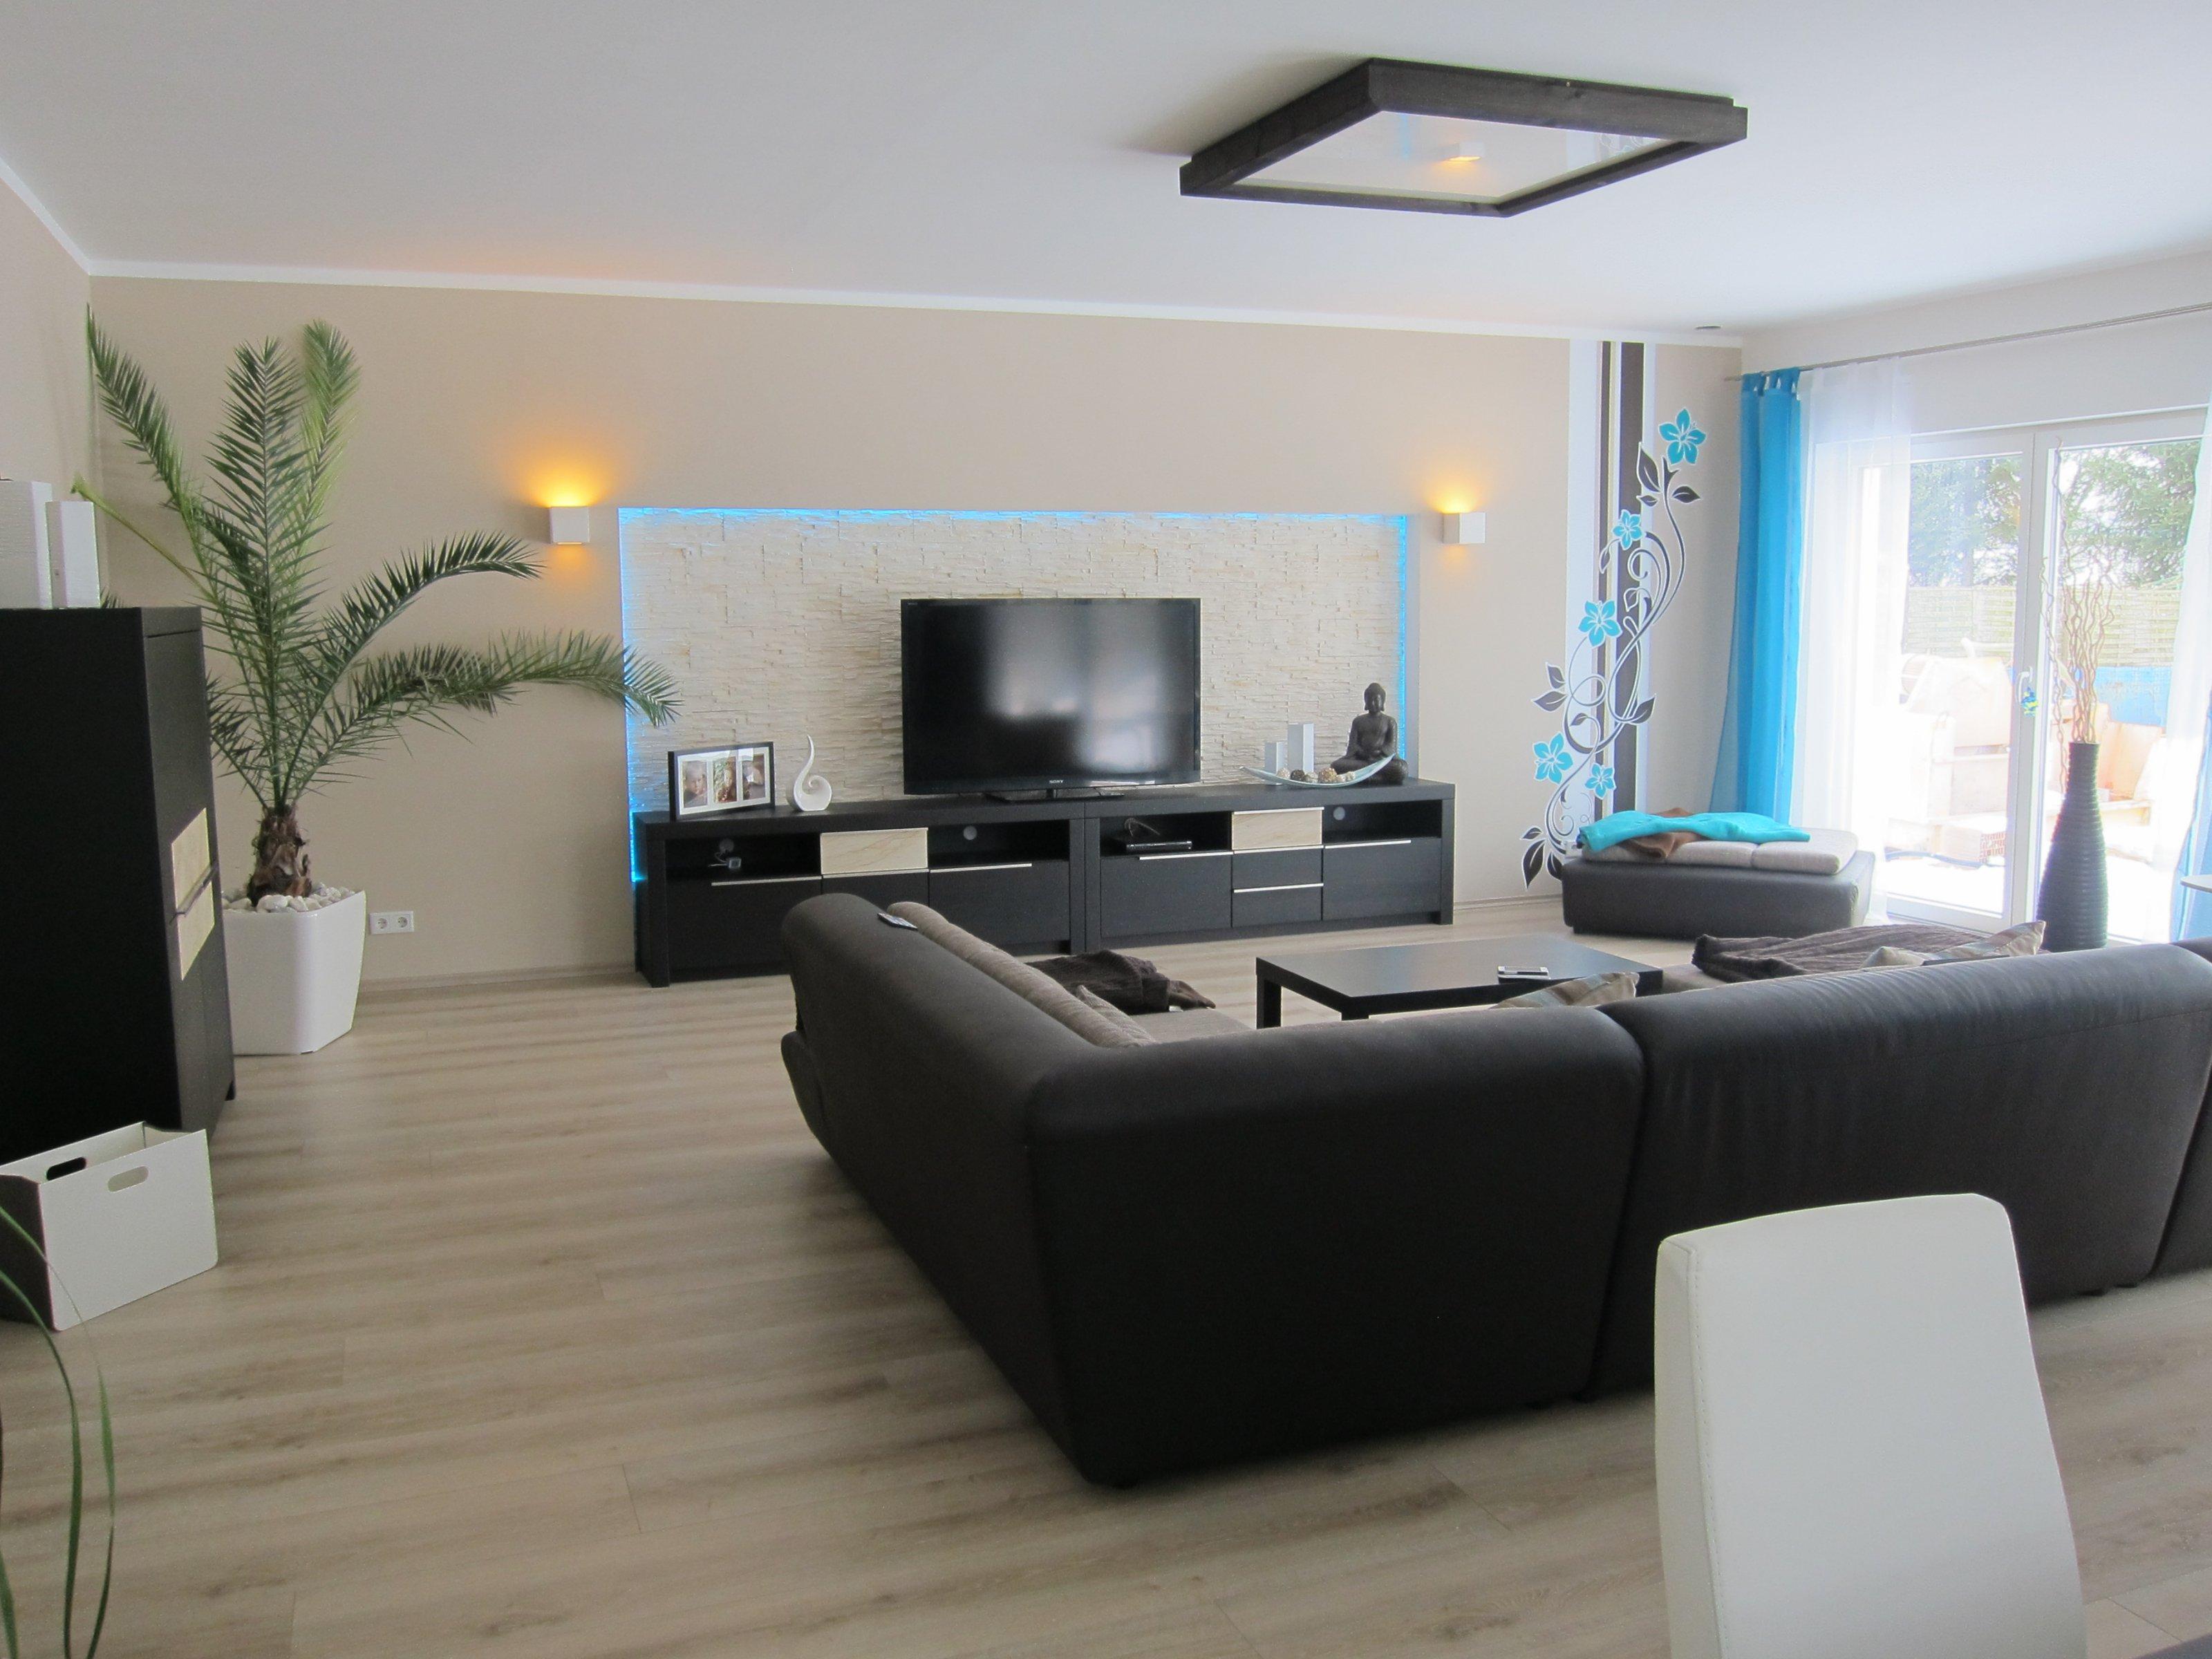 Wohnzimmer unser traum vom haus von lola511 33690 for Moderne deckenbeleuchtung wohnzimmer